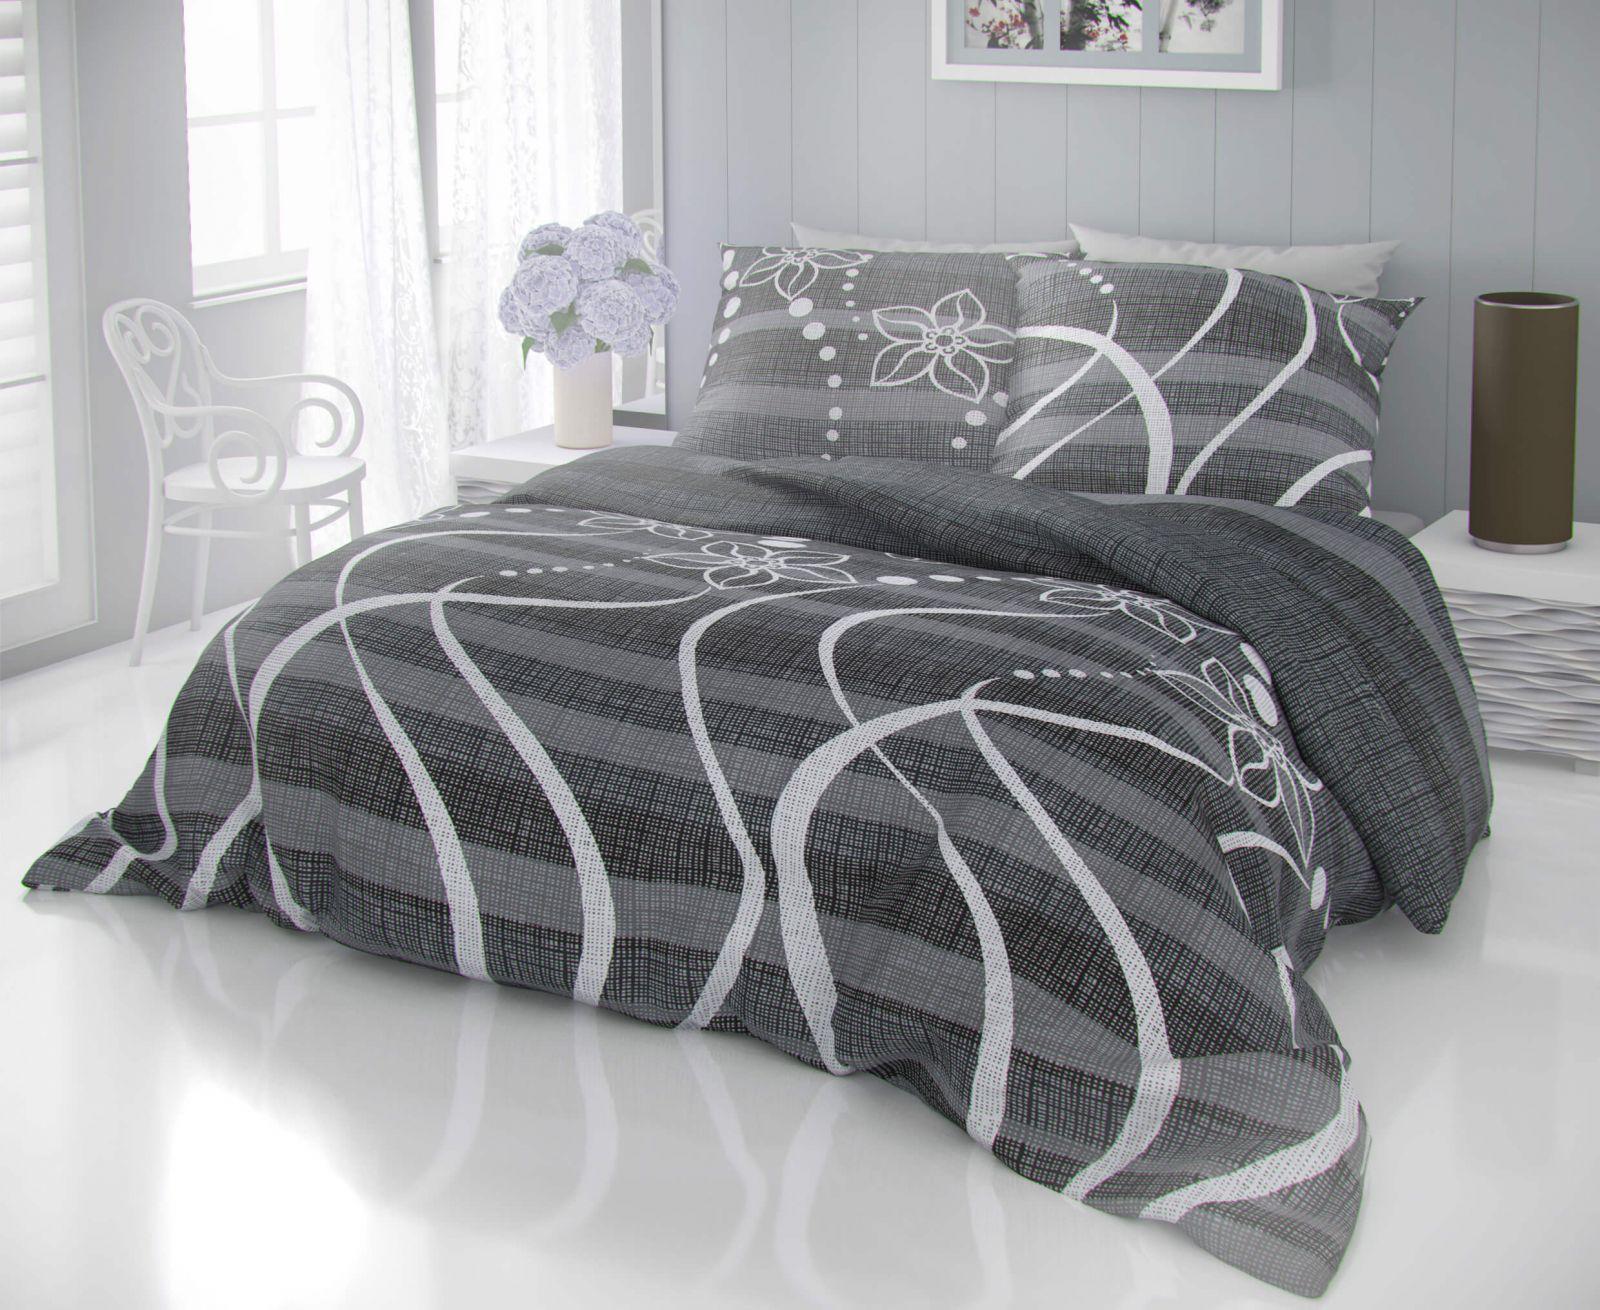 Kvalitní bavlněné povlečení šedých odstínů se vzorem puntíků a kytiček DELUX VALERY šedé Kvalitex